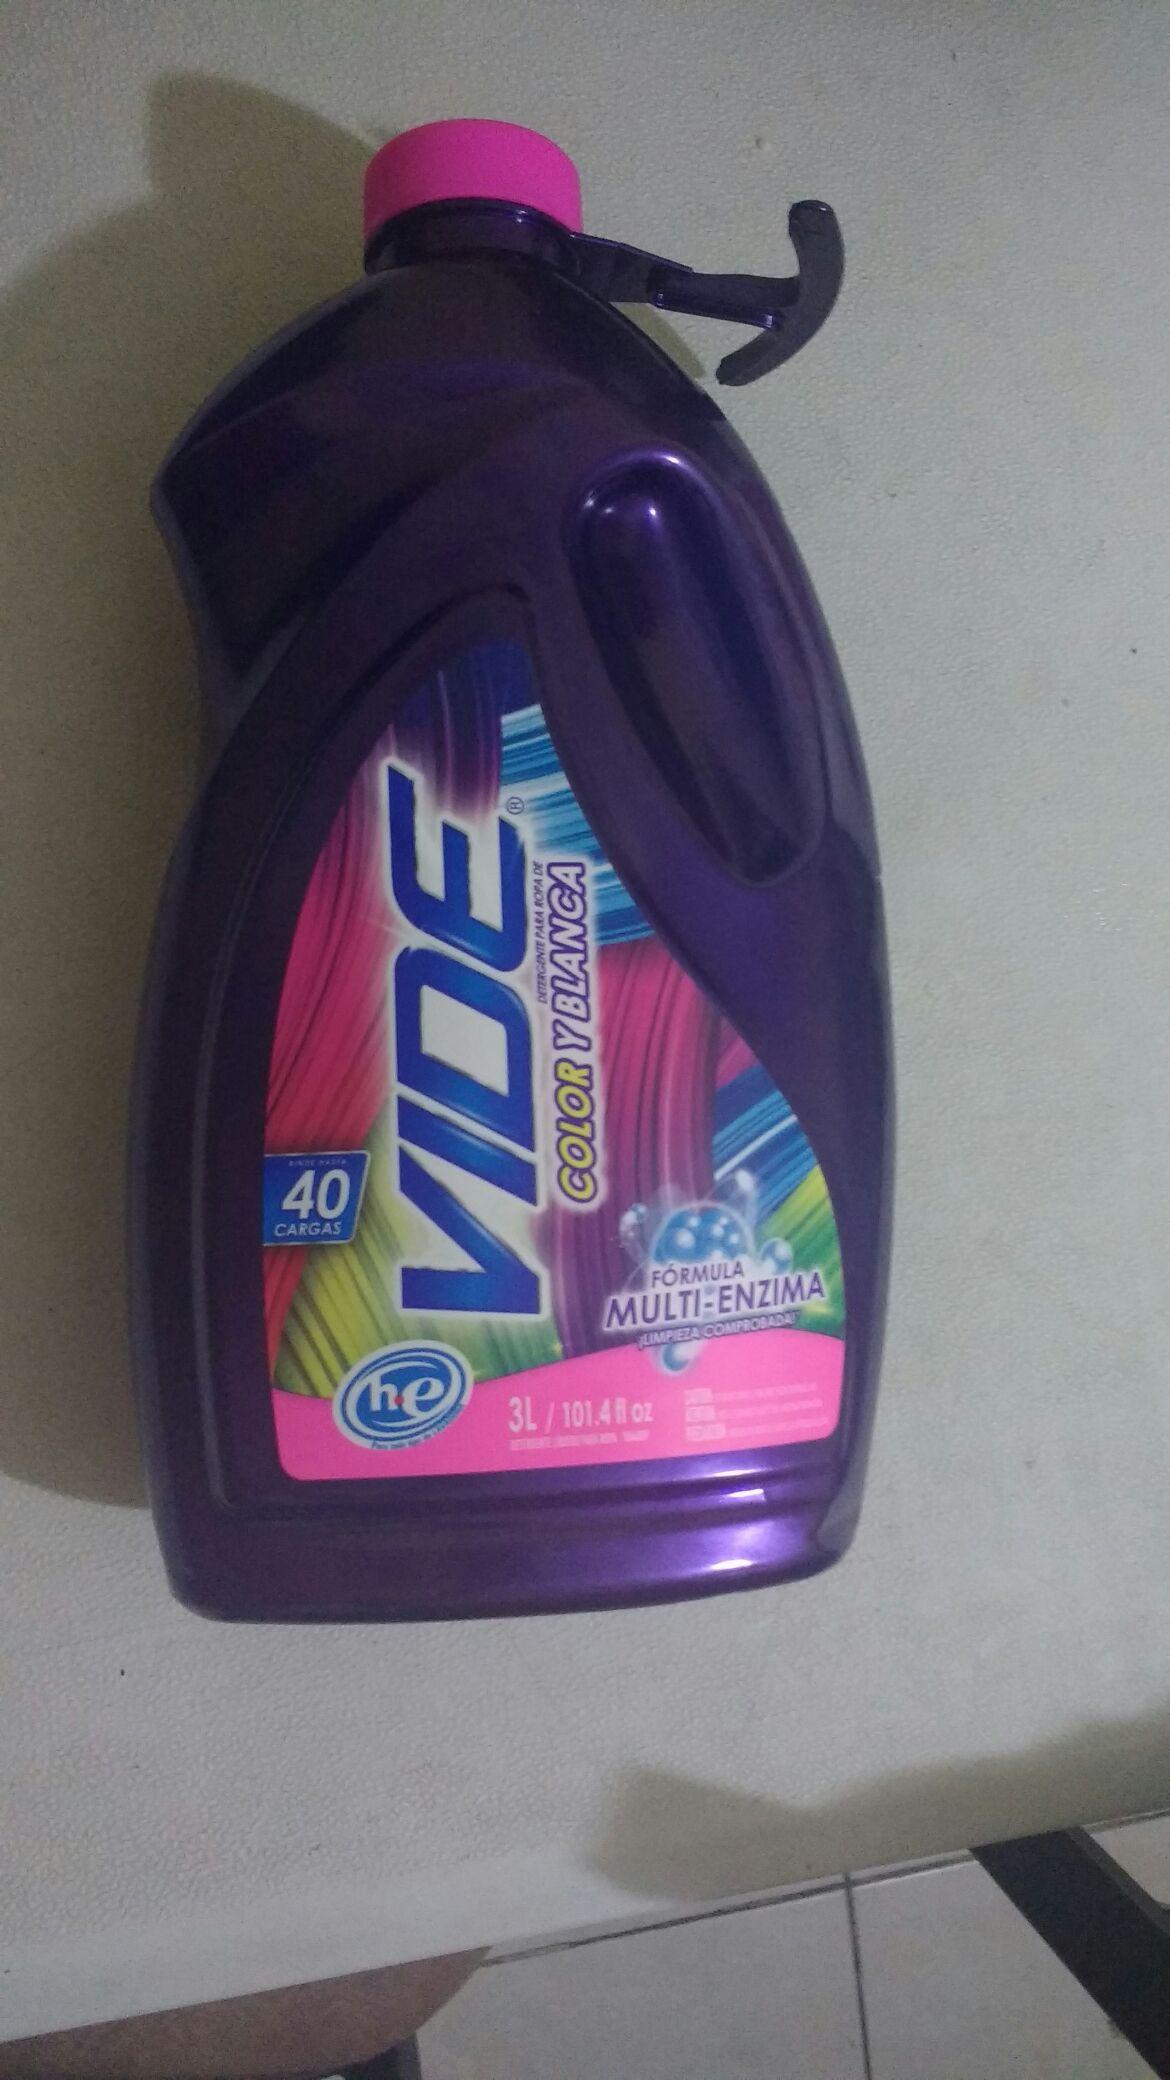 Walmart Veracruz: jabón vide en $8.01 calzon Hans $10.01 playera deportiva Wilson $30.01 y mas